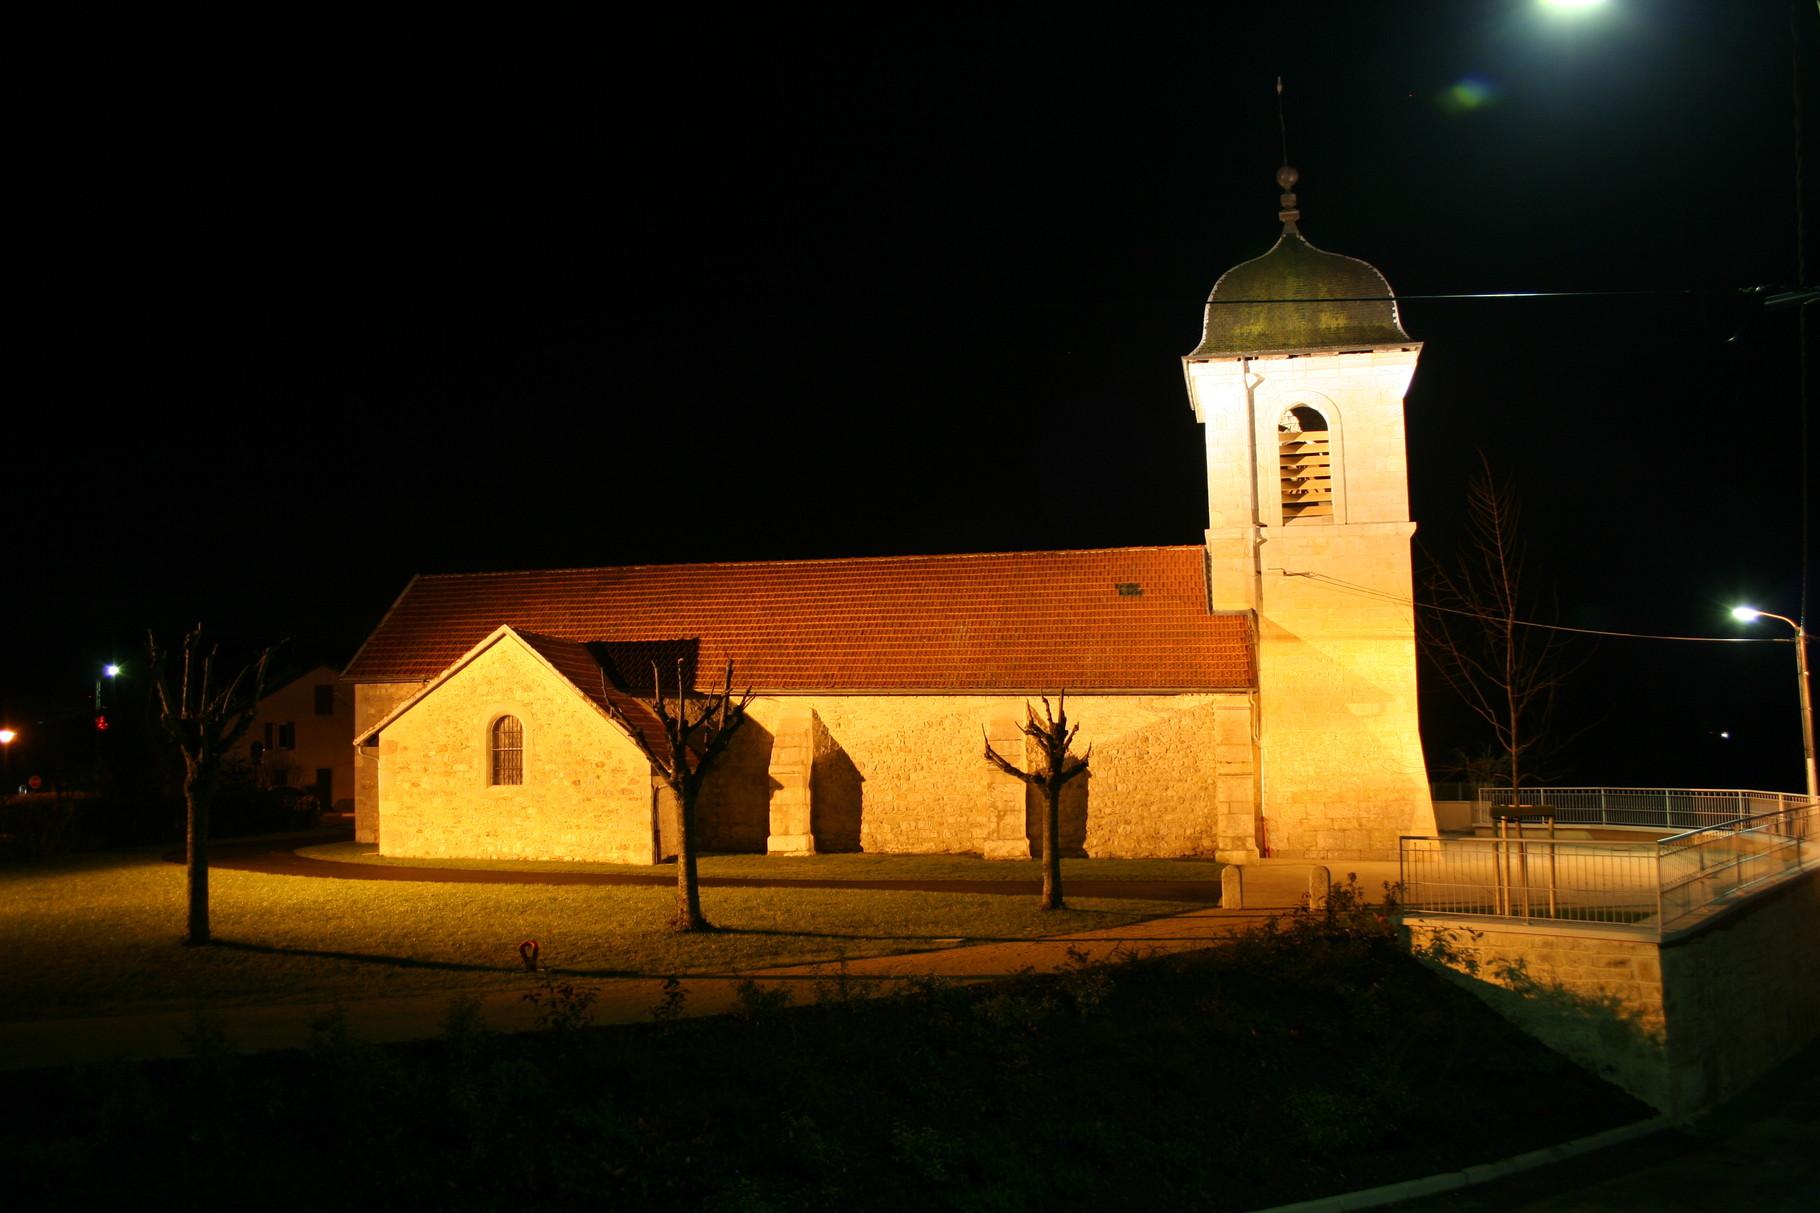 L'église de Vieu d'Izenave et son nouveau parvis